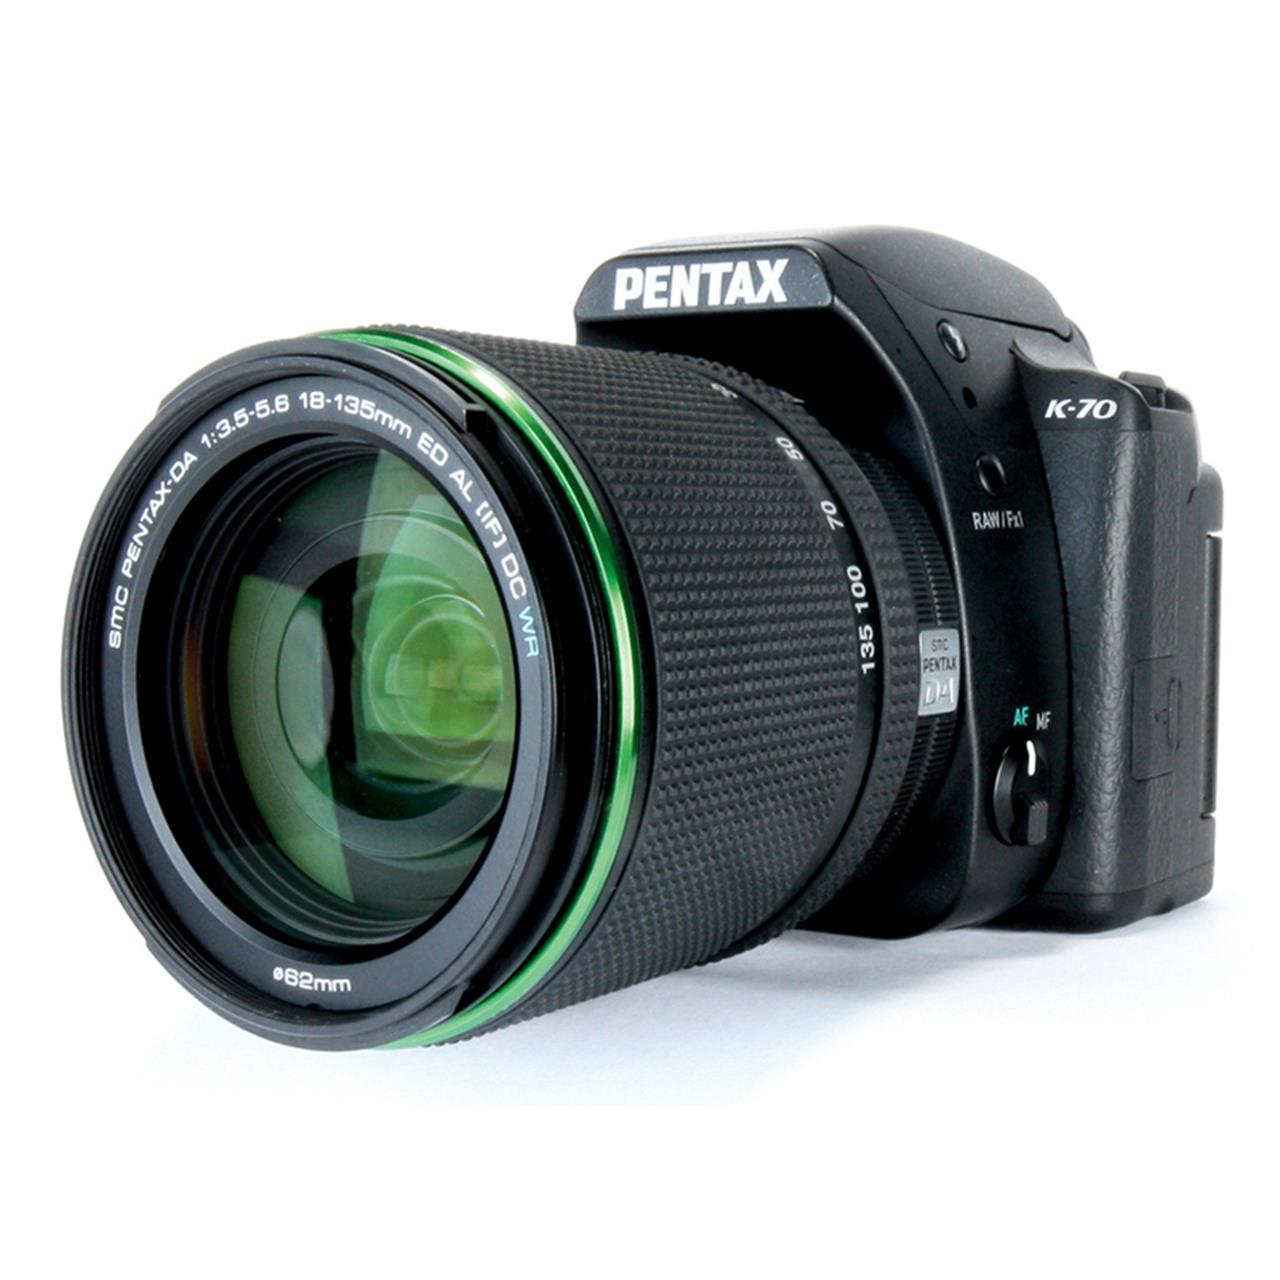 0027075298071__pentax_k-70_18-135mm_hofma.jpg